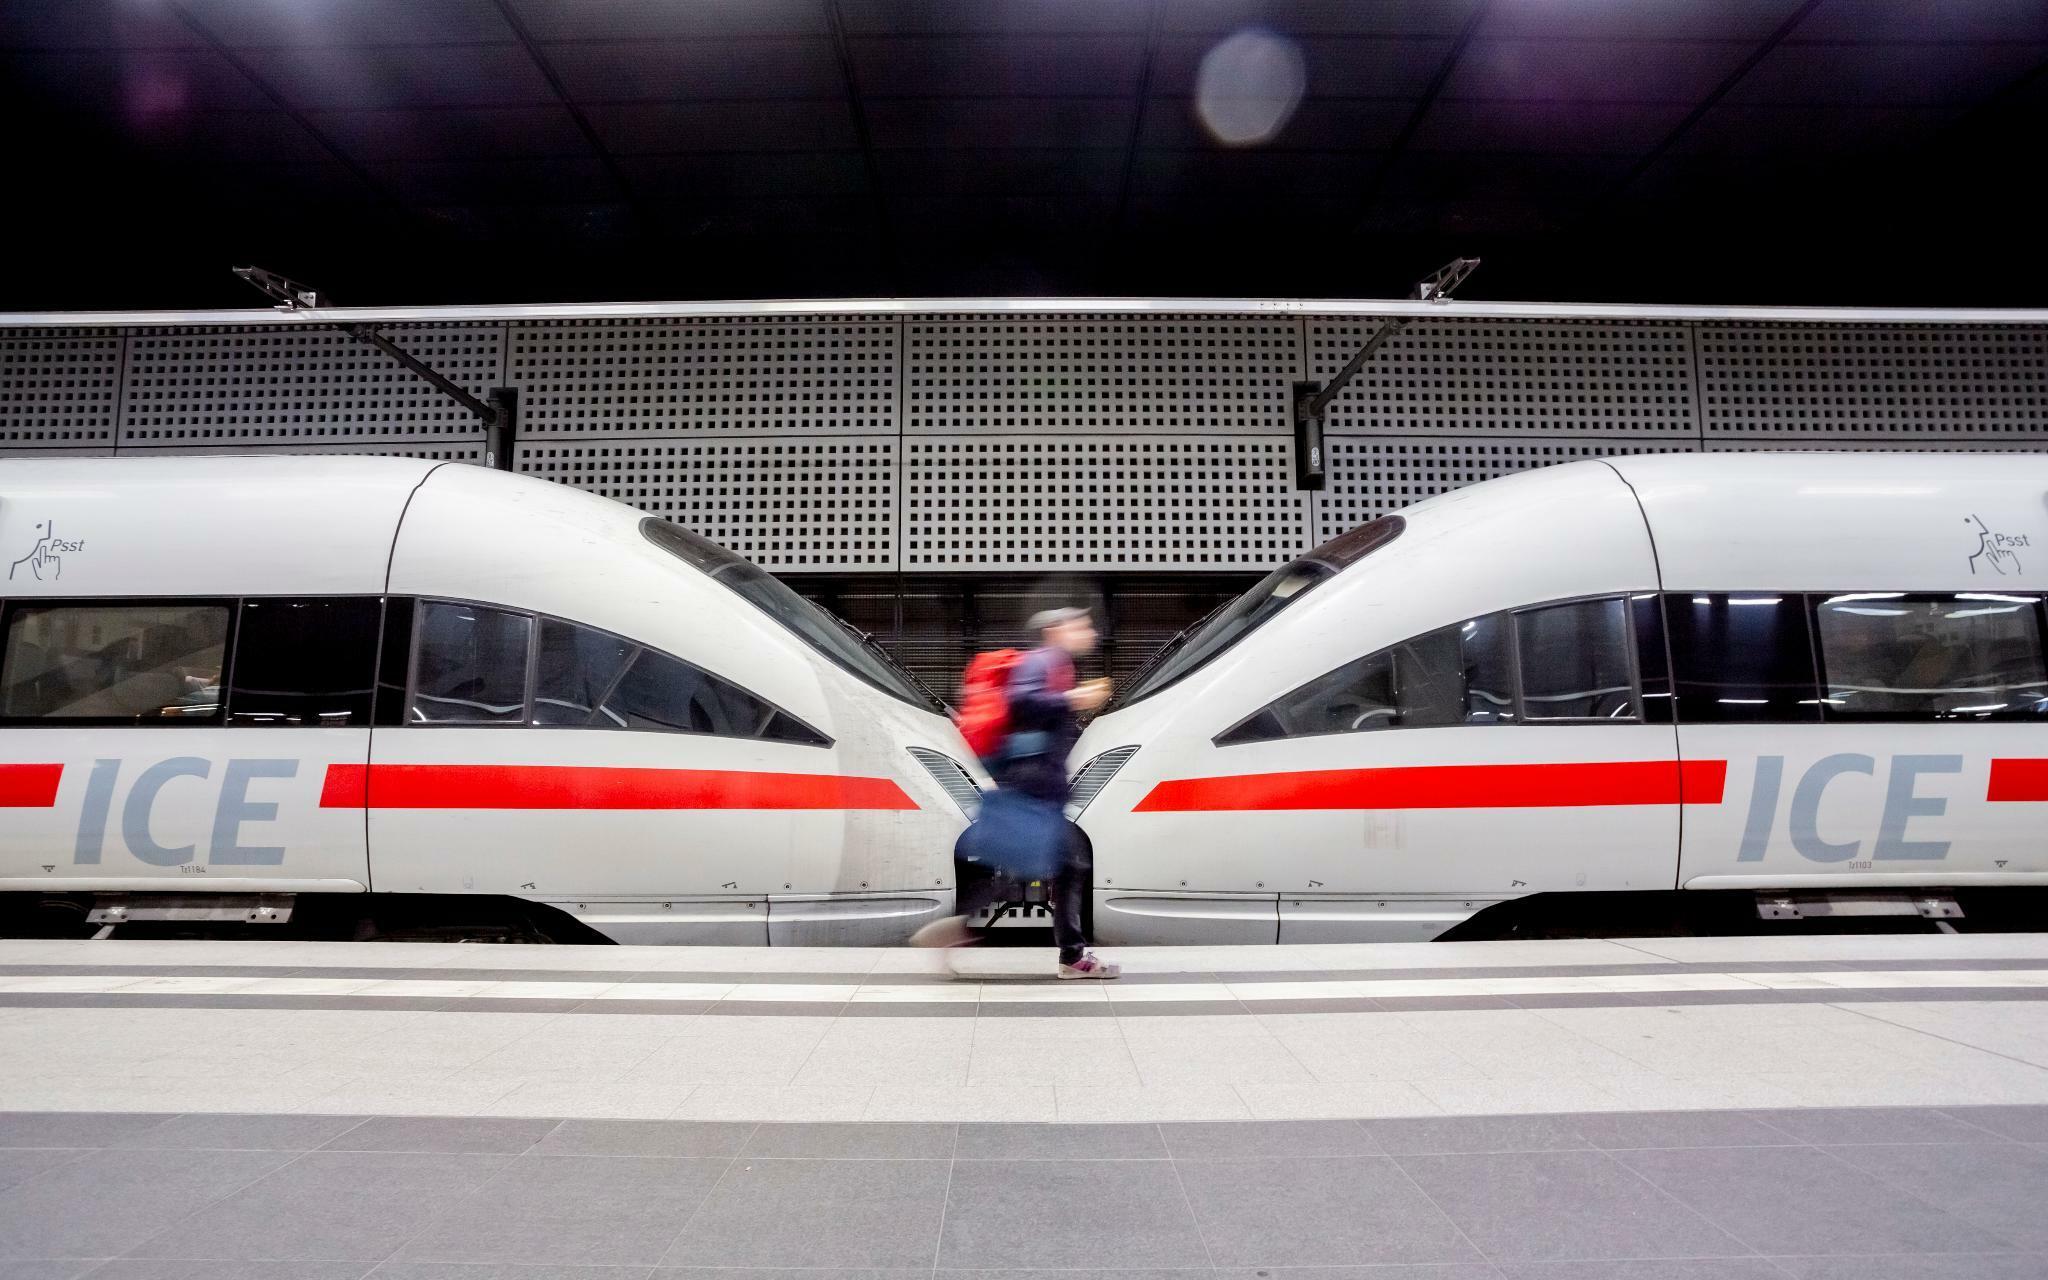 Investitionspläne: Bahn plant größtes Wachstumsprogramm der deutschen Eisenbahngeschichte